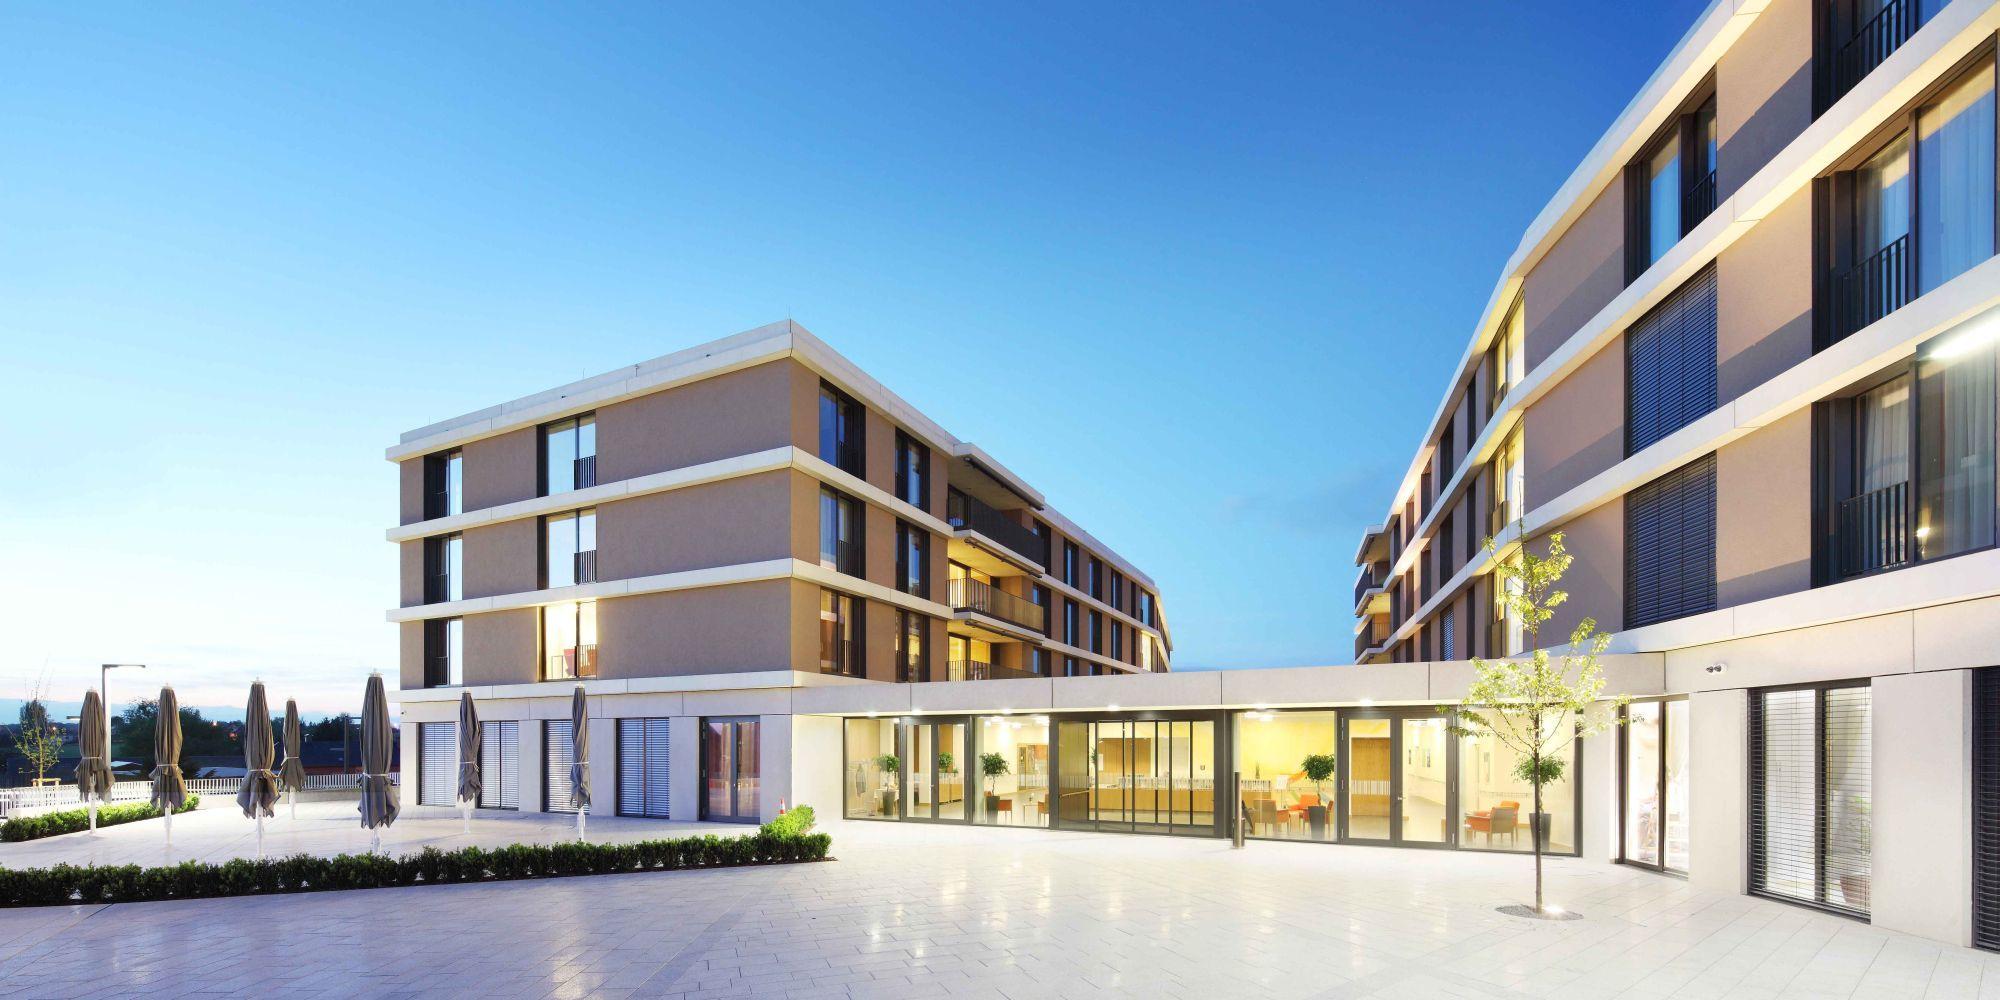 Architekt Ludwigshafen seniorie ste zithe contern luxemburg a sh architekten